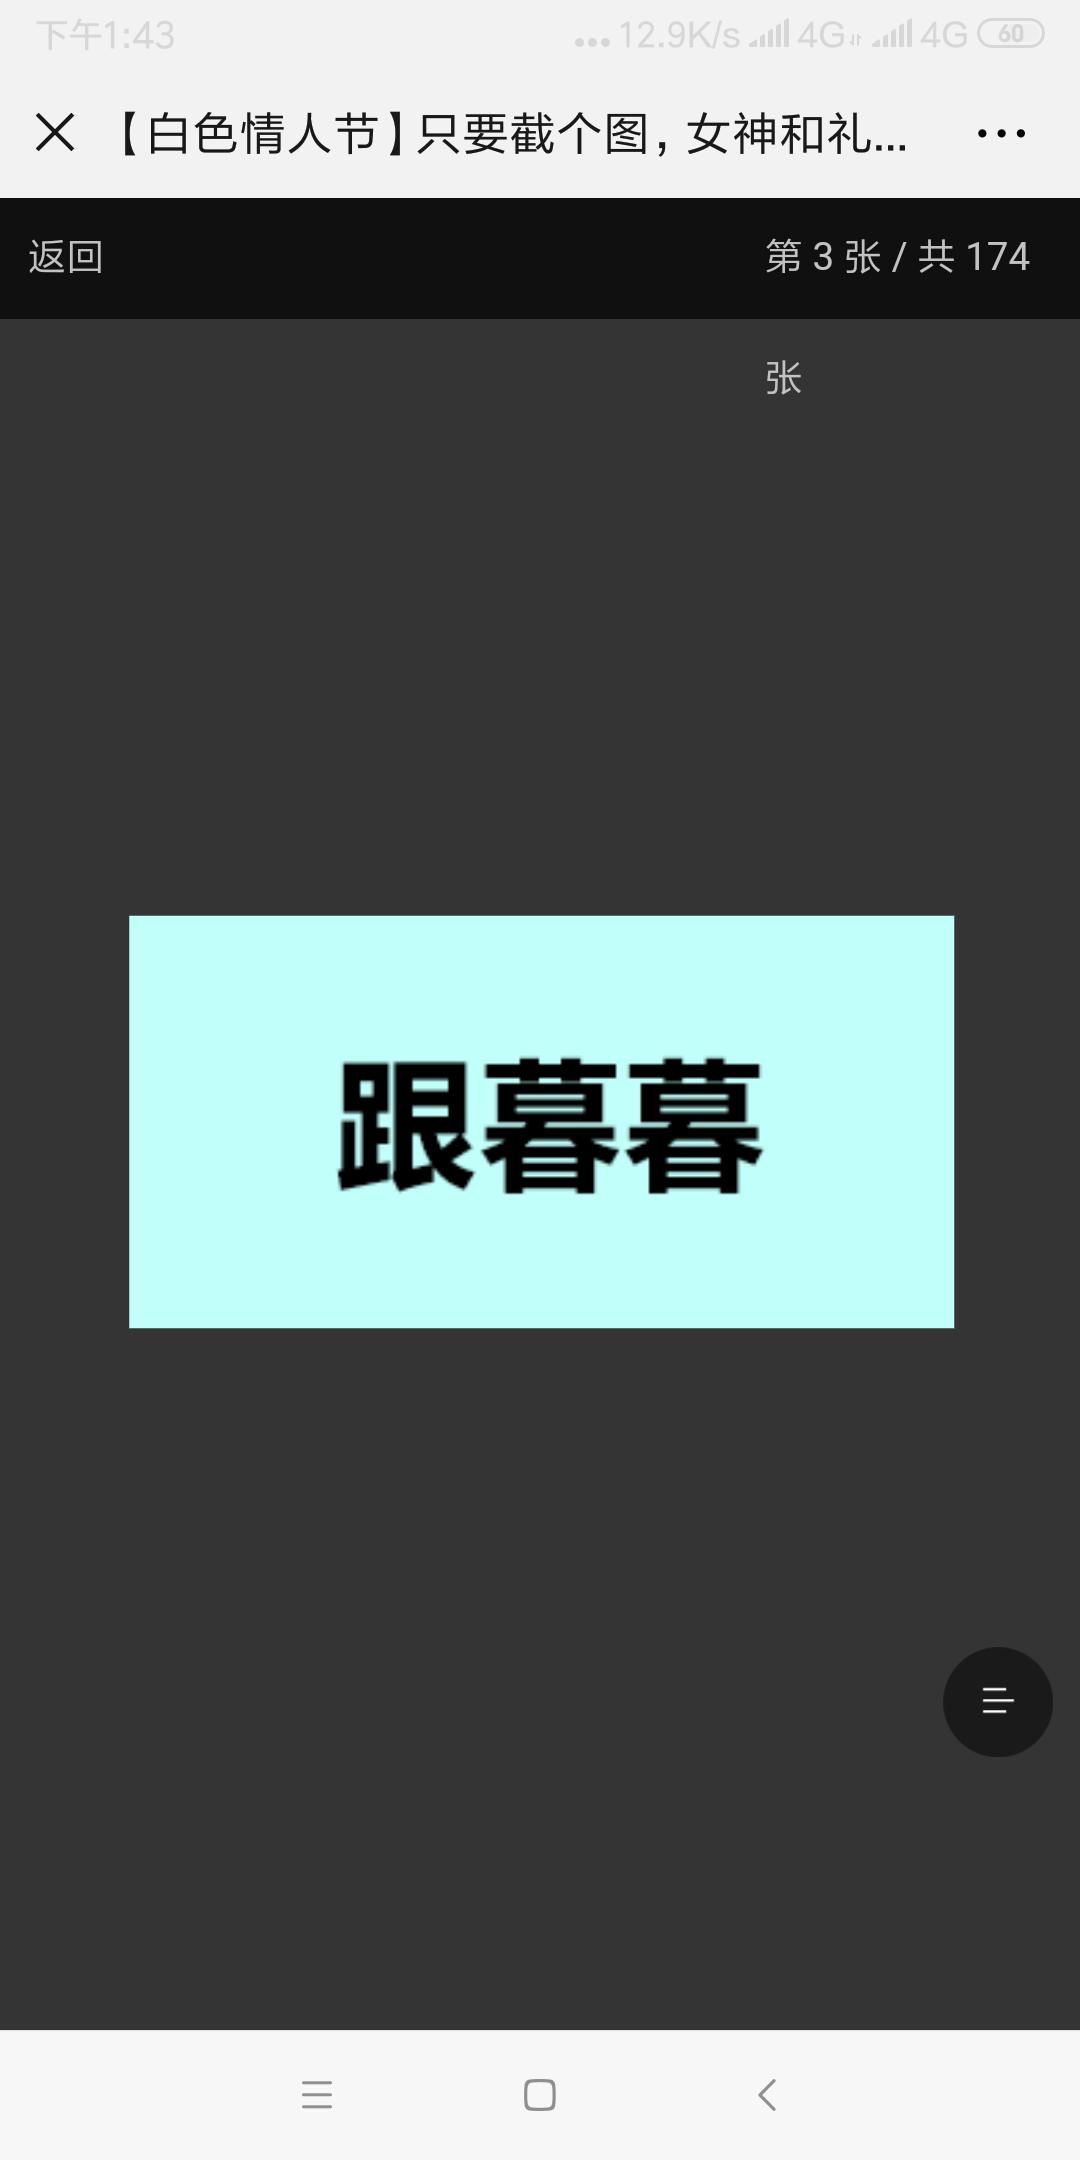 Screenshot_2019-03-14-13-43-08-535_com.tencent.mm.png